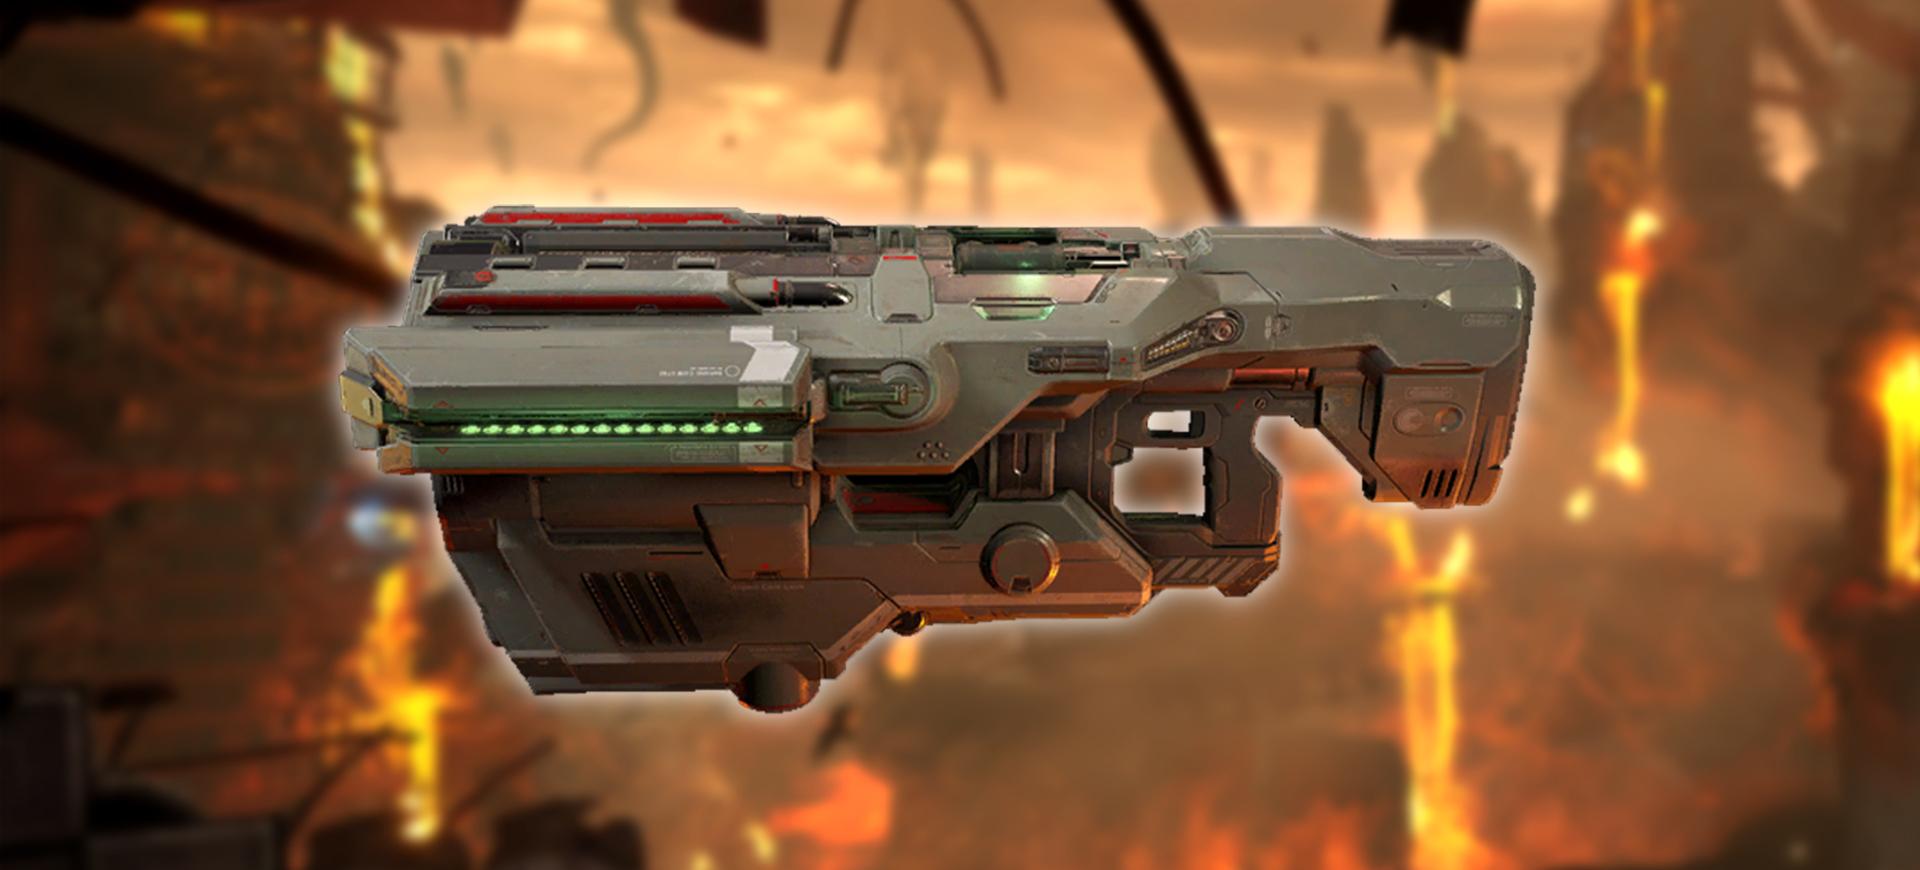 Можно ли воплотить в реальности оружие BFG из игр Doom и Quake